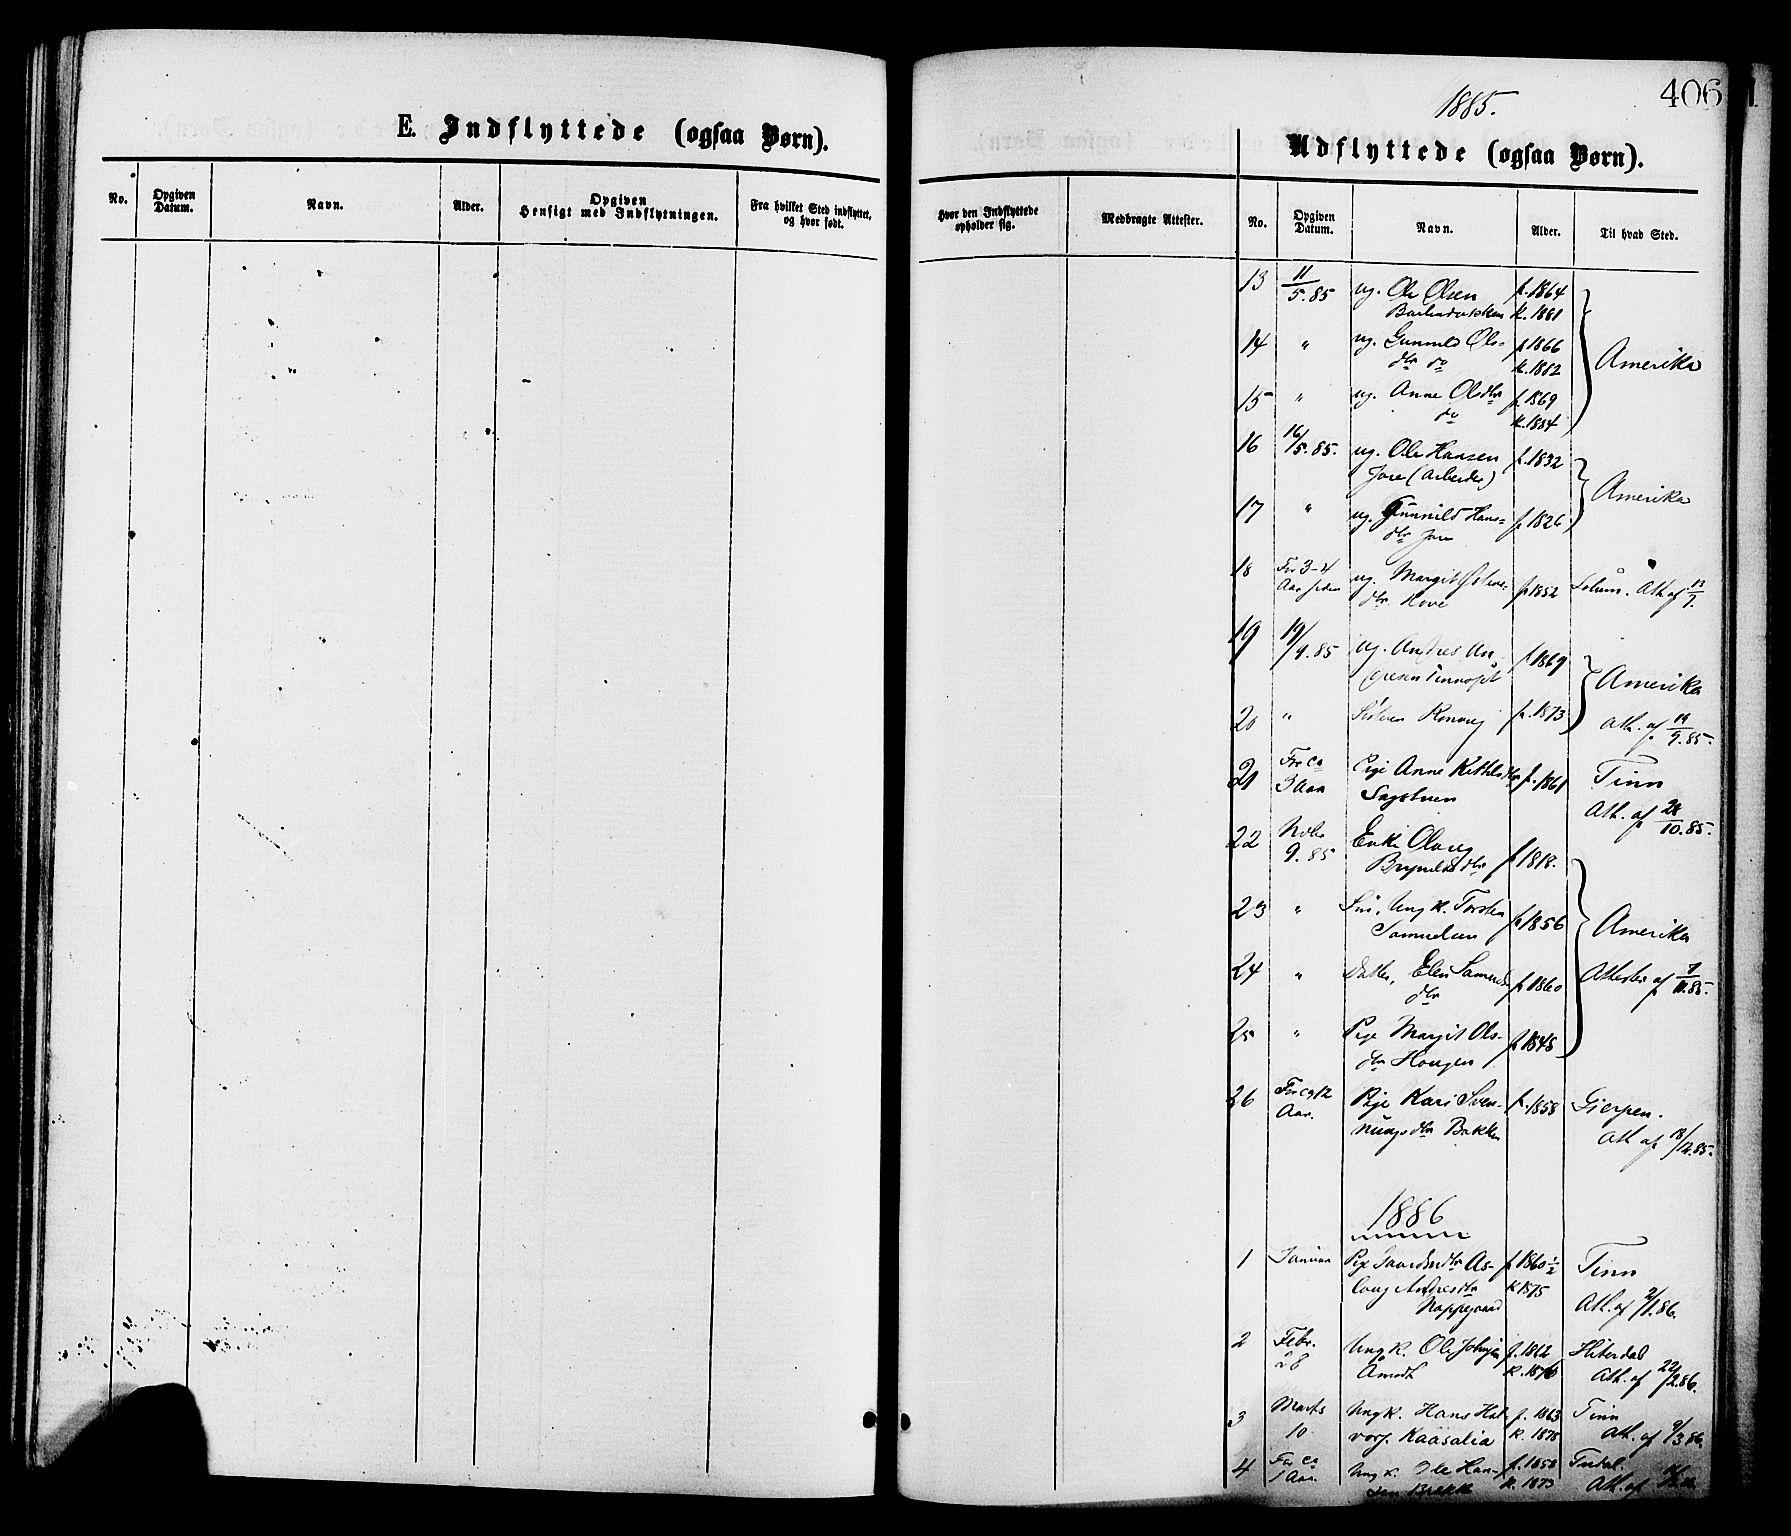 SAKO, Gransherad kirkebøker, F/Fa/L0004: Ministerialbok nr. I 4, 1871-1886, s. 406